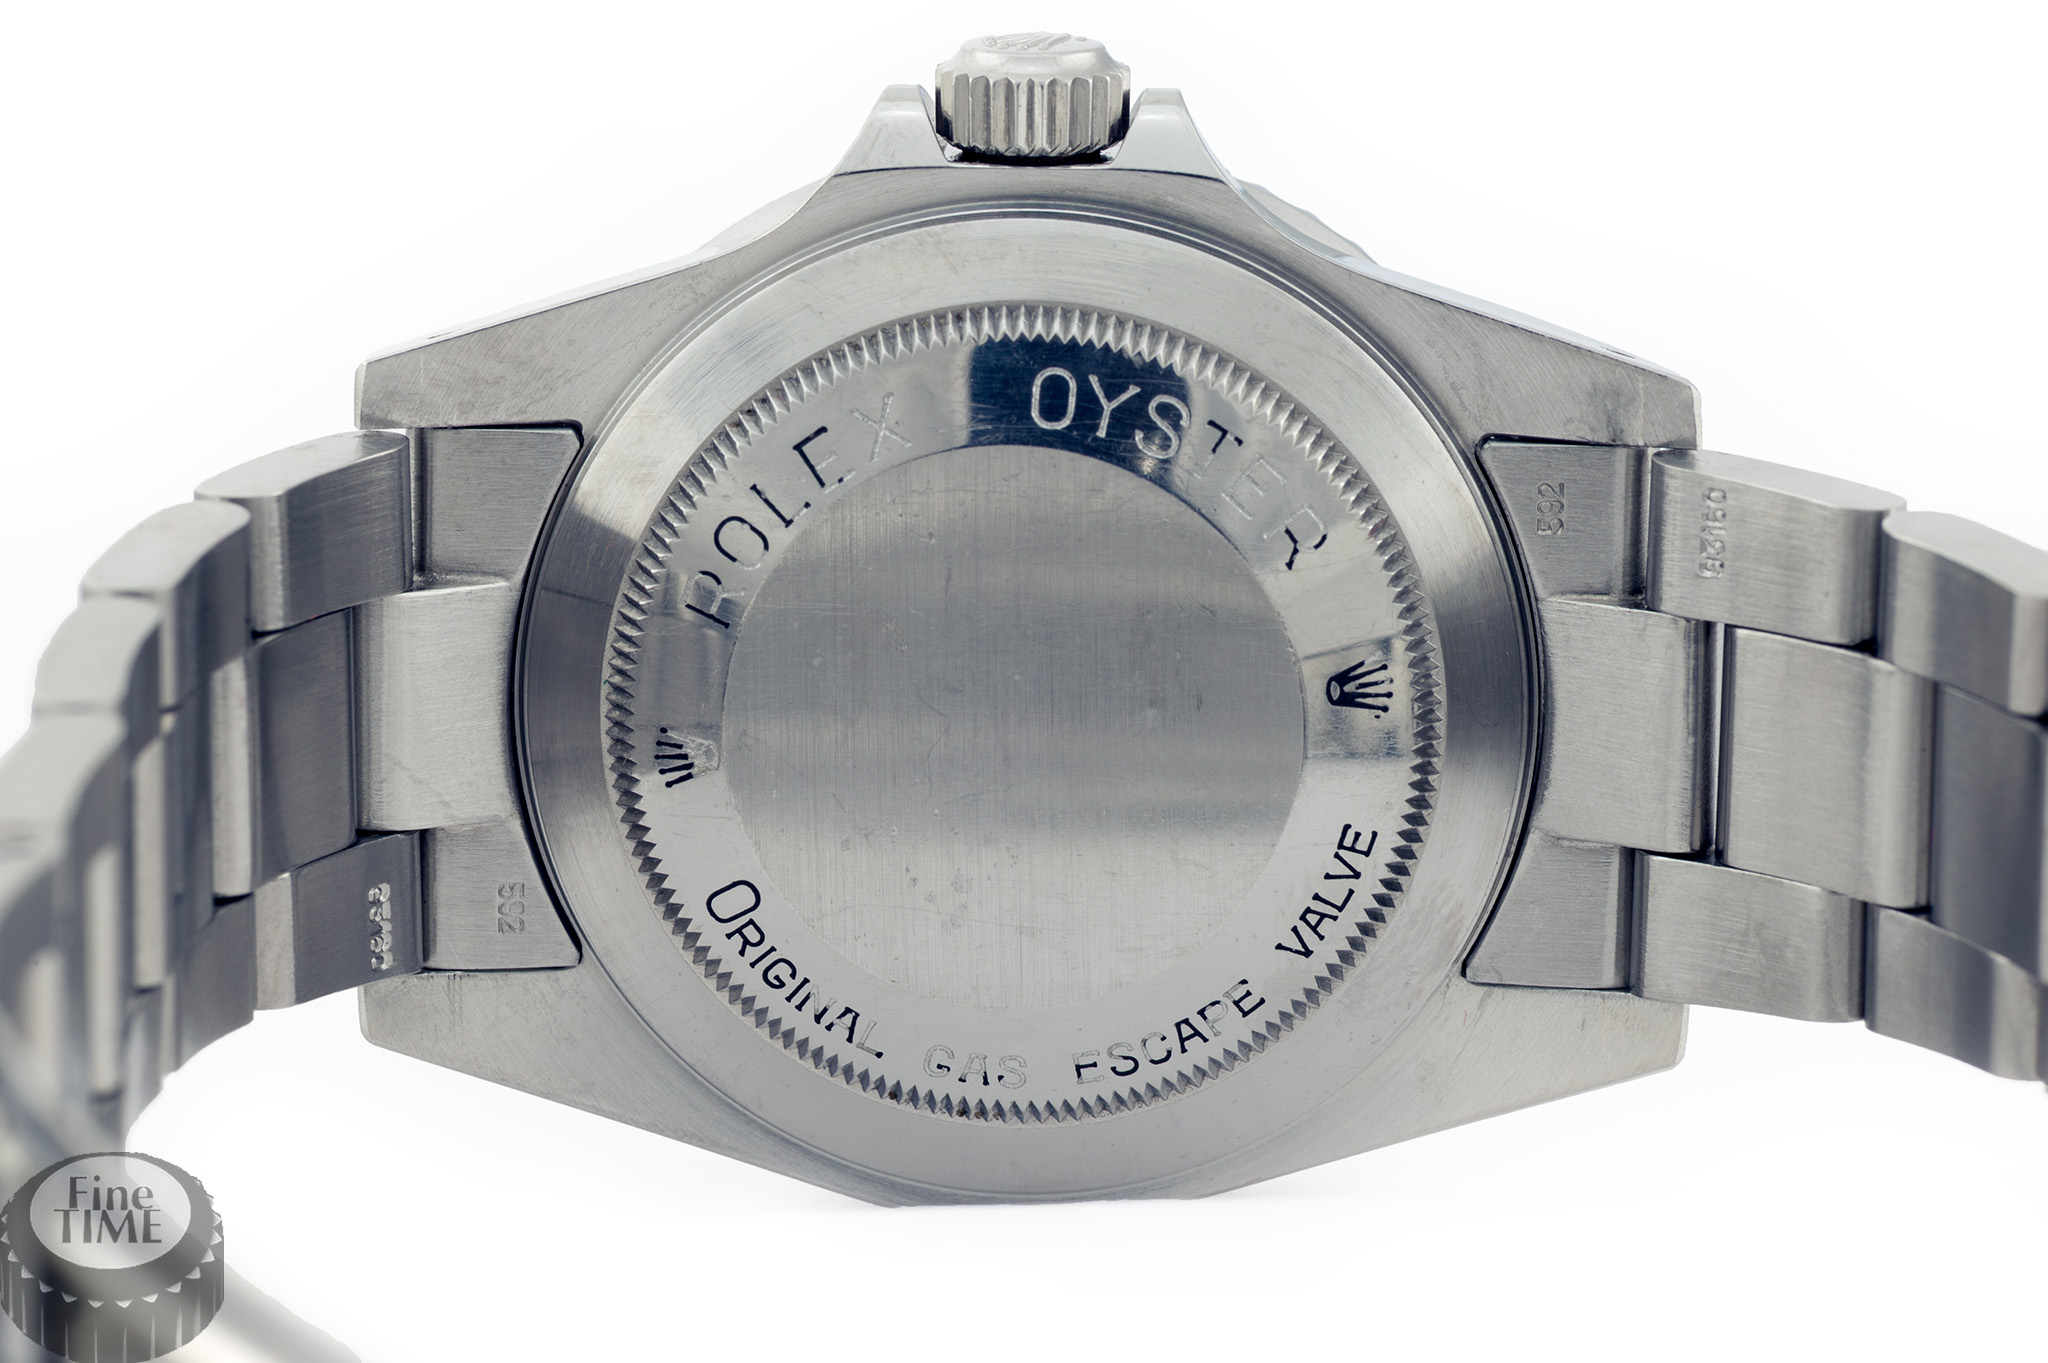 Rolex Sea-Dweller 16660 mat back